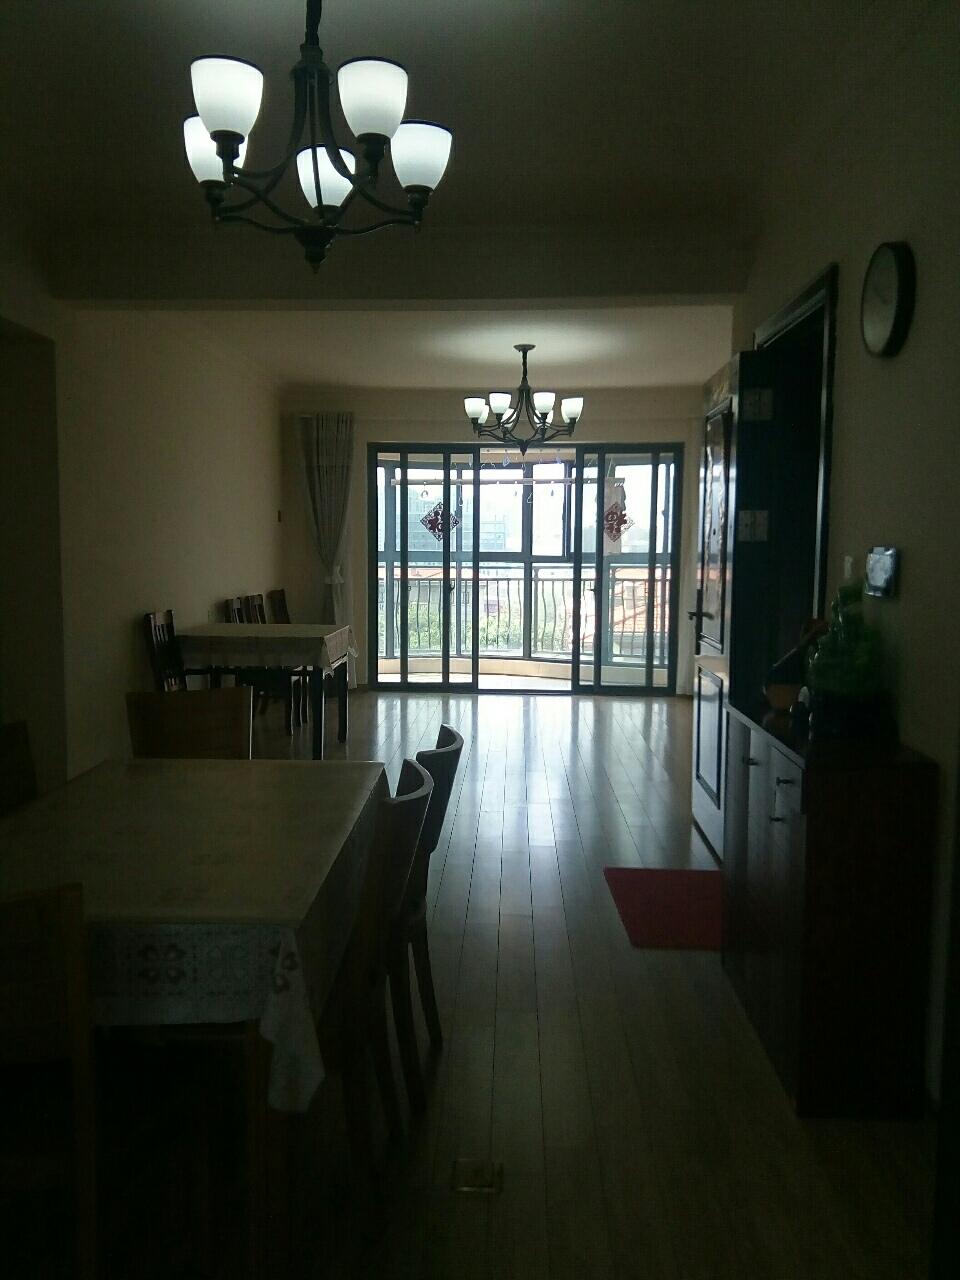 碧桂园景观房145平精装4室2厅2卫南北通透看中可谈